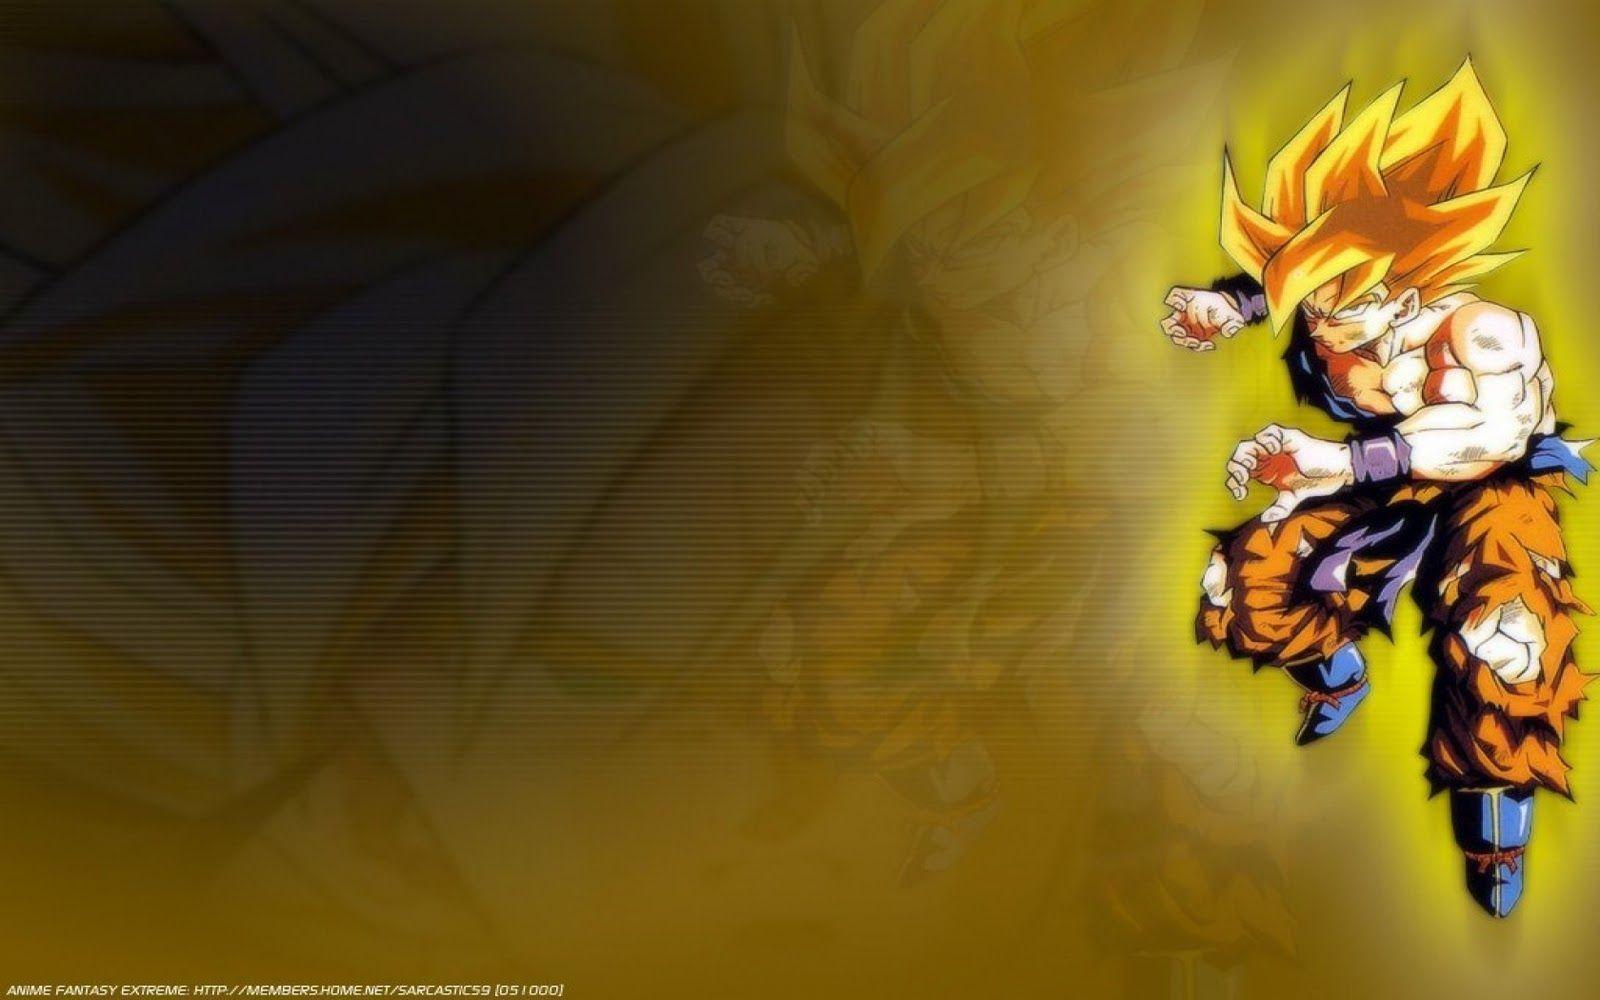 Goku Wallpapers Wallpaper Cave Goku Wallpaper Dragon Ball